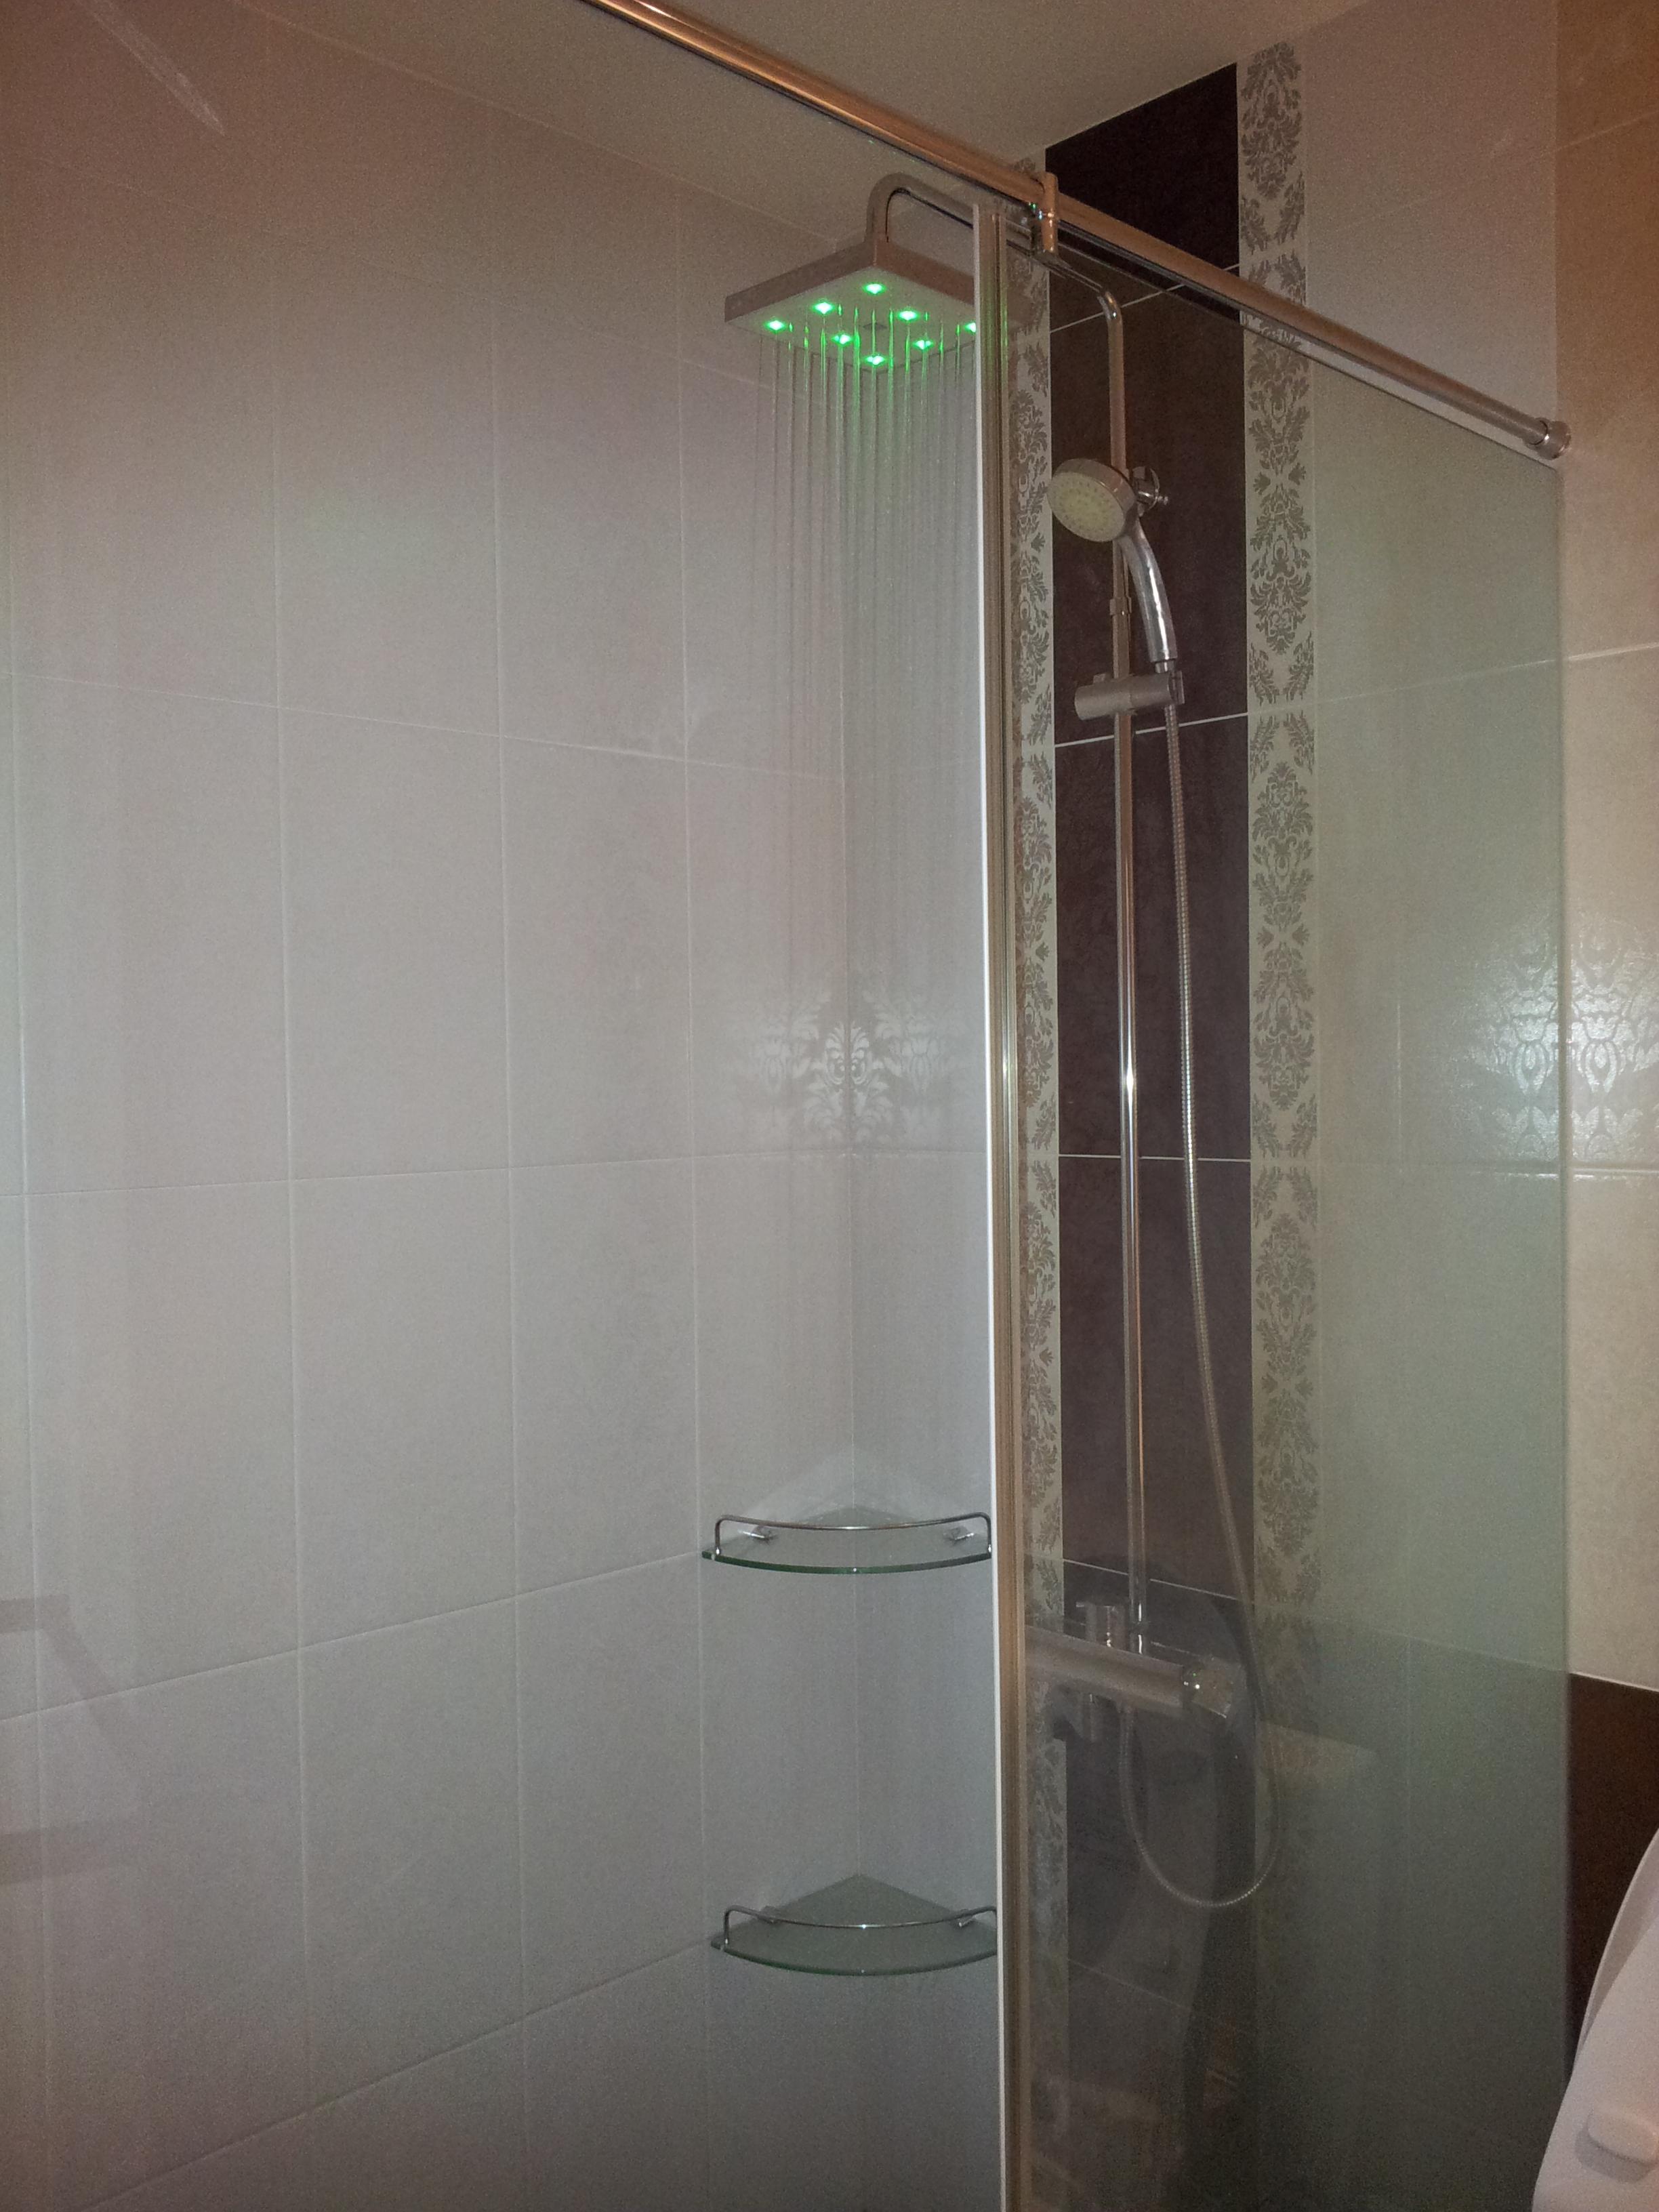 台北住家淋浴間LED燈光蓮蓬頭安裝 (3).jpg